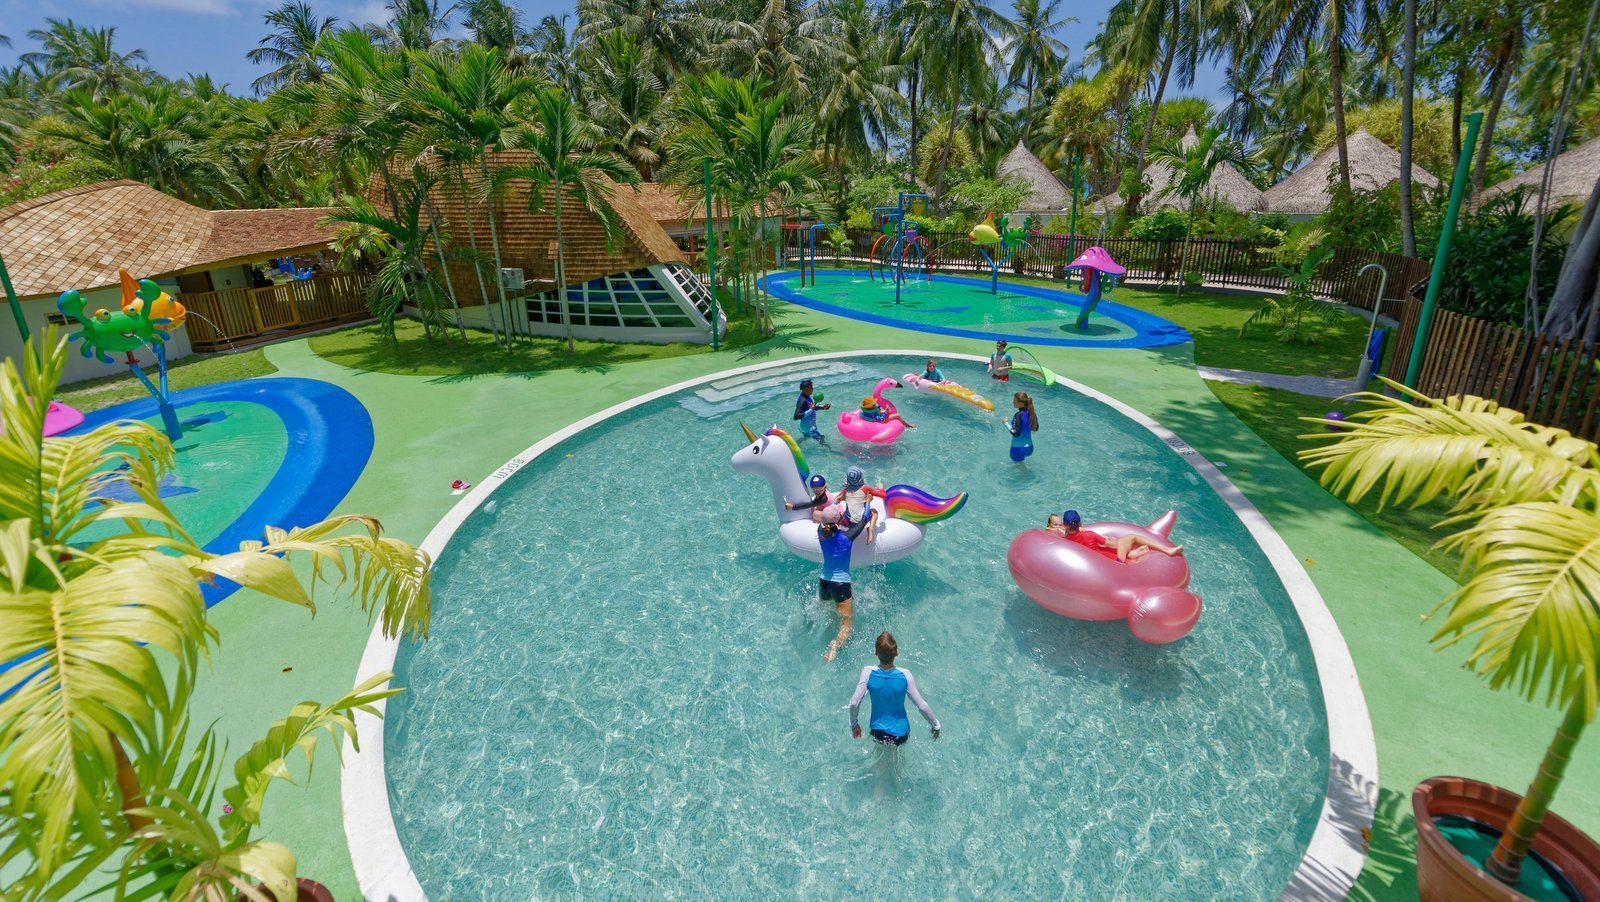 Мальдивы, отель Kuramathi Maldives, детский клуб